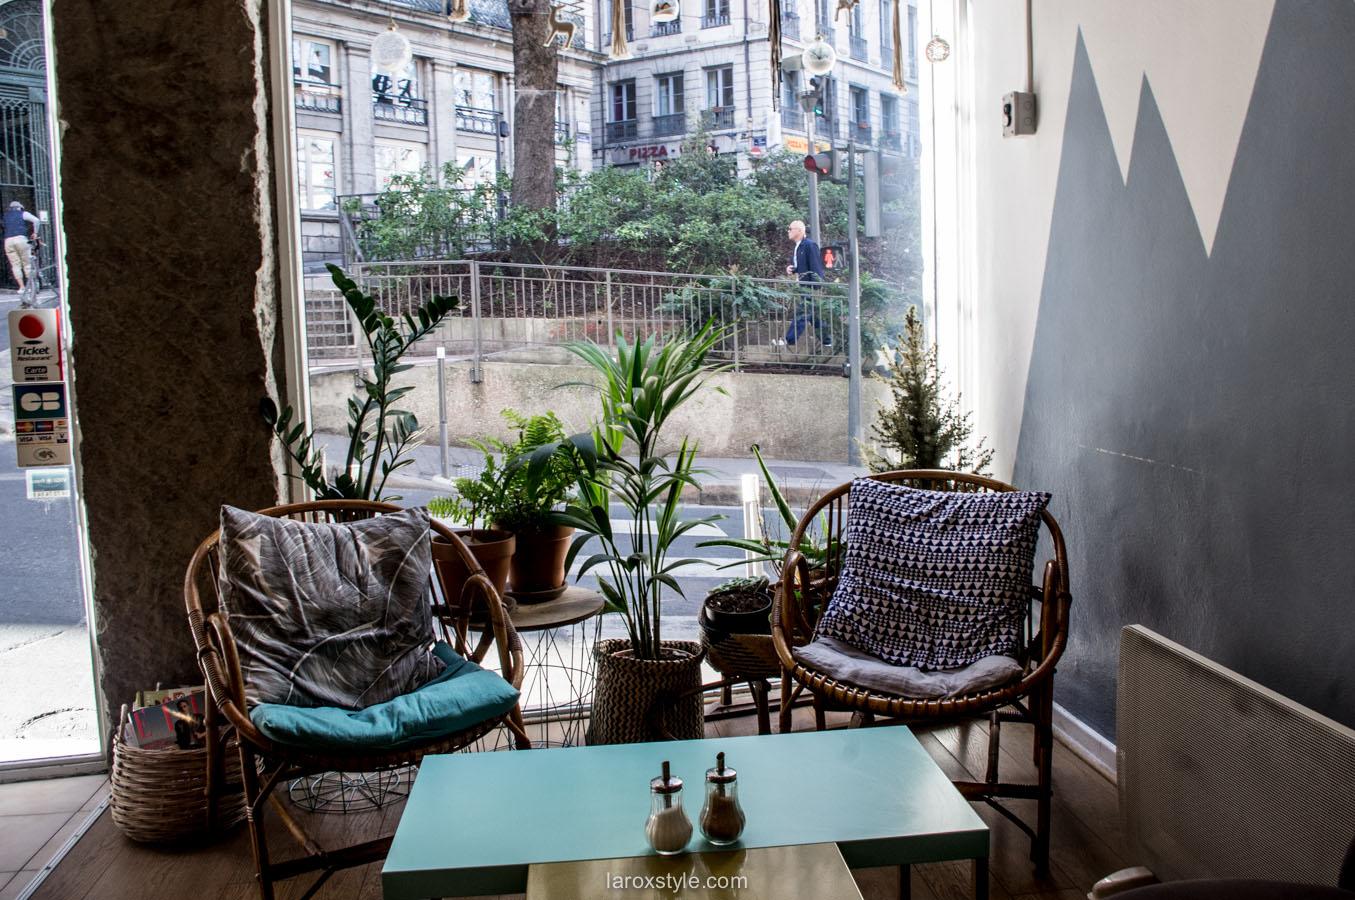 myart - cafe lyon - brunch a lyon - laroxstyle blog lifestyle -5